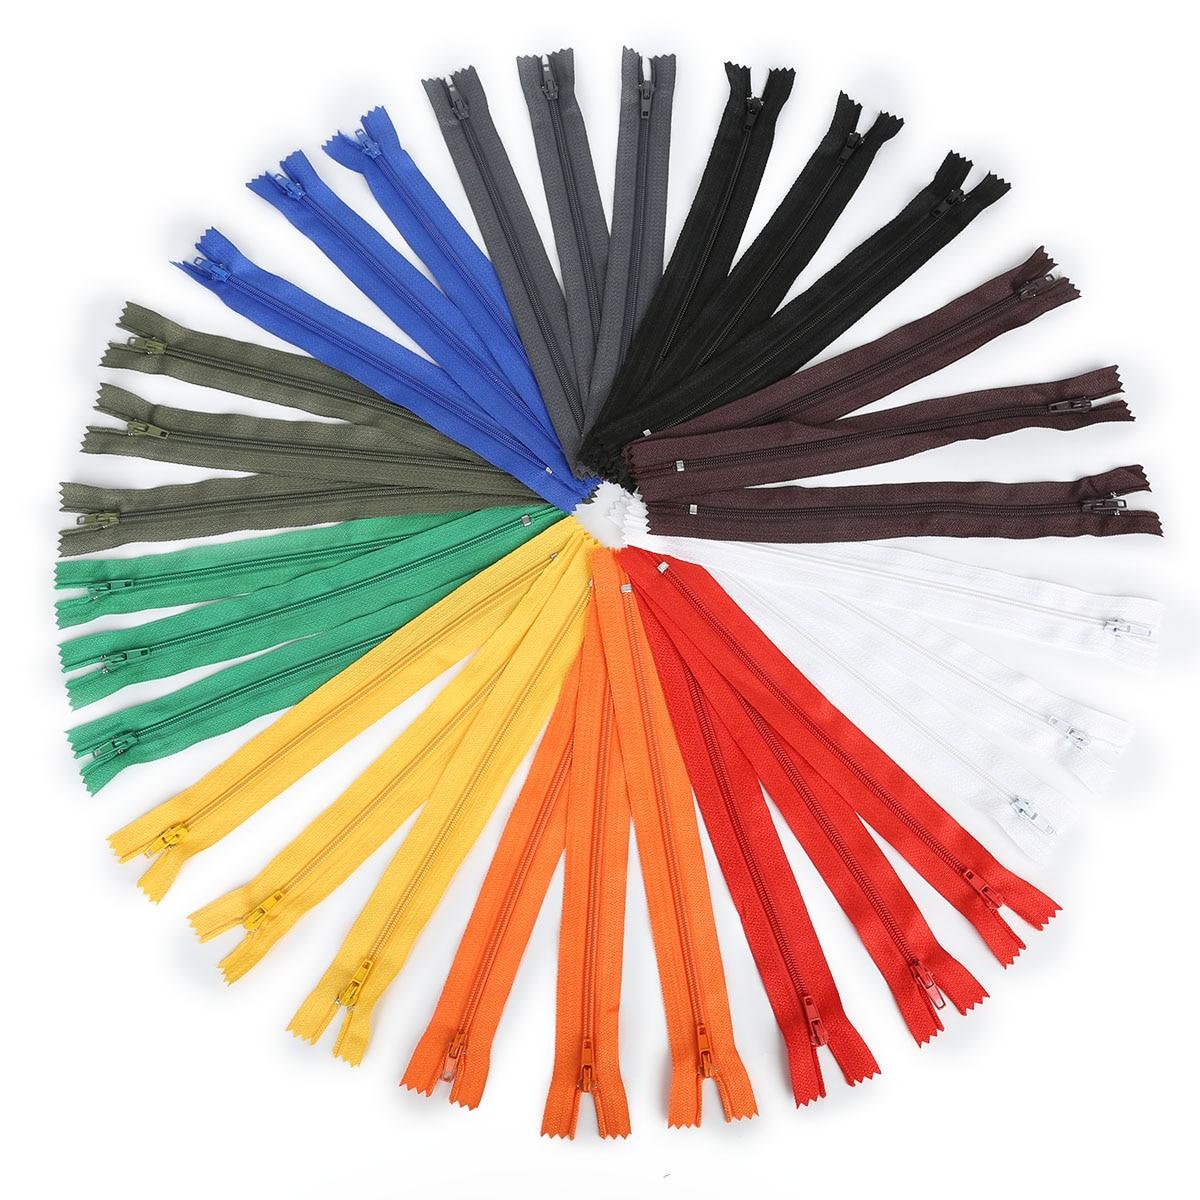 Оптом и в розницу, 10 шт./лот, высокое качество, длина 20 см, цветные нейлоновые катушки, молнии, швейные изделия ручной работы, аксессуары для рукоделия